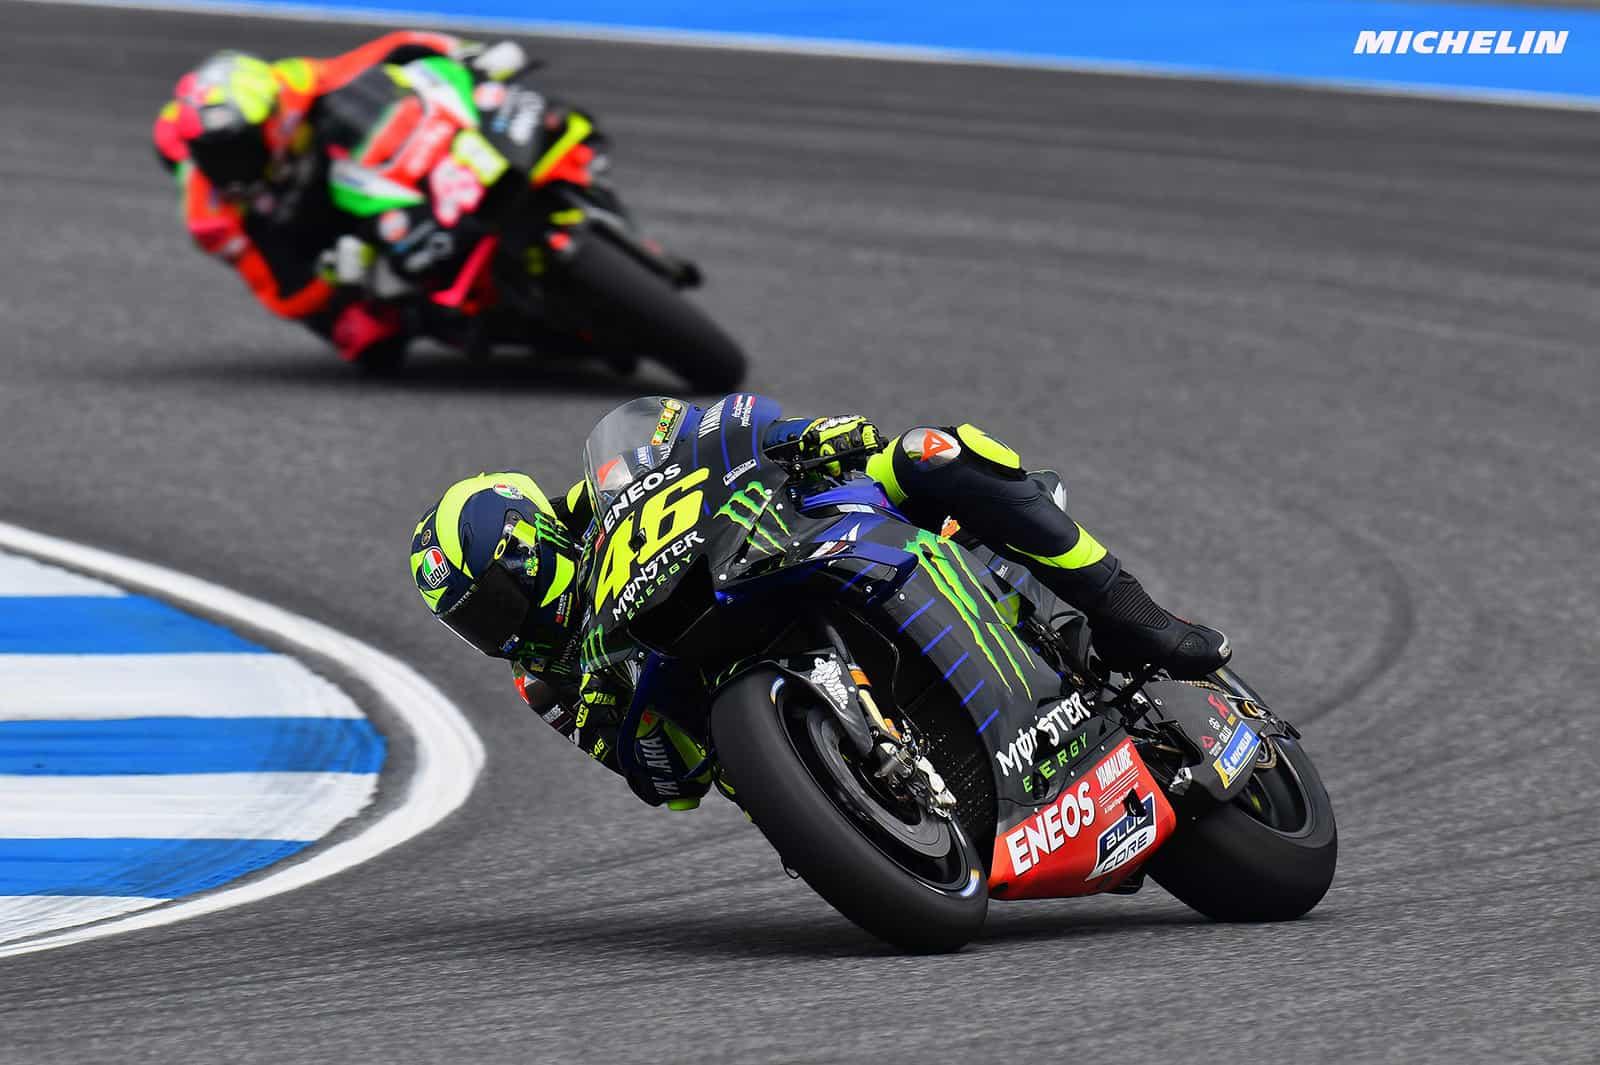 MotoGP2019タイGP FP2 5位ロッシ「レースペースで苦戦している」